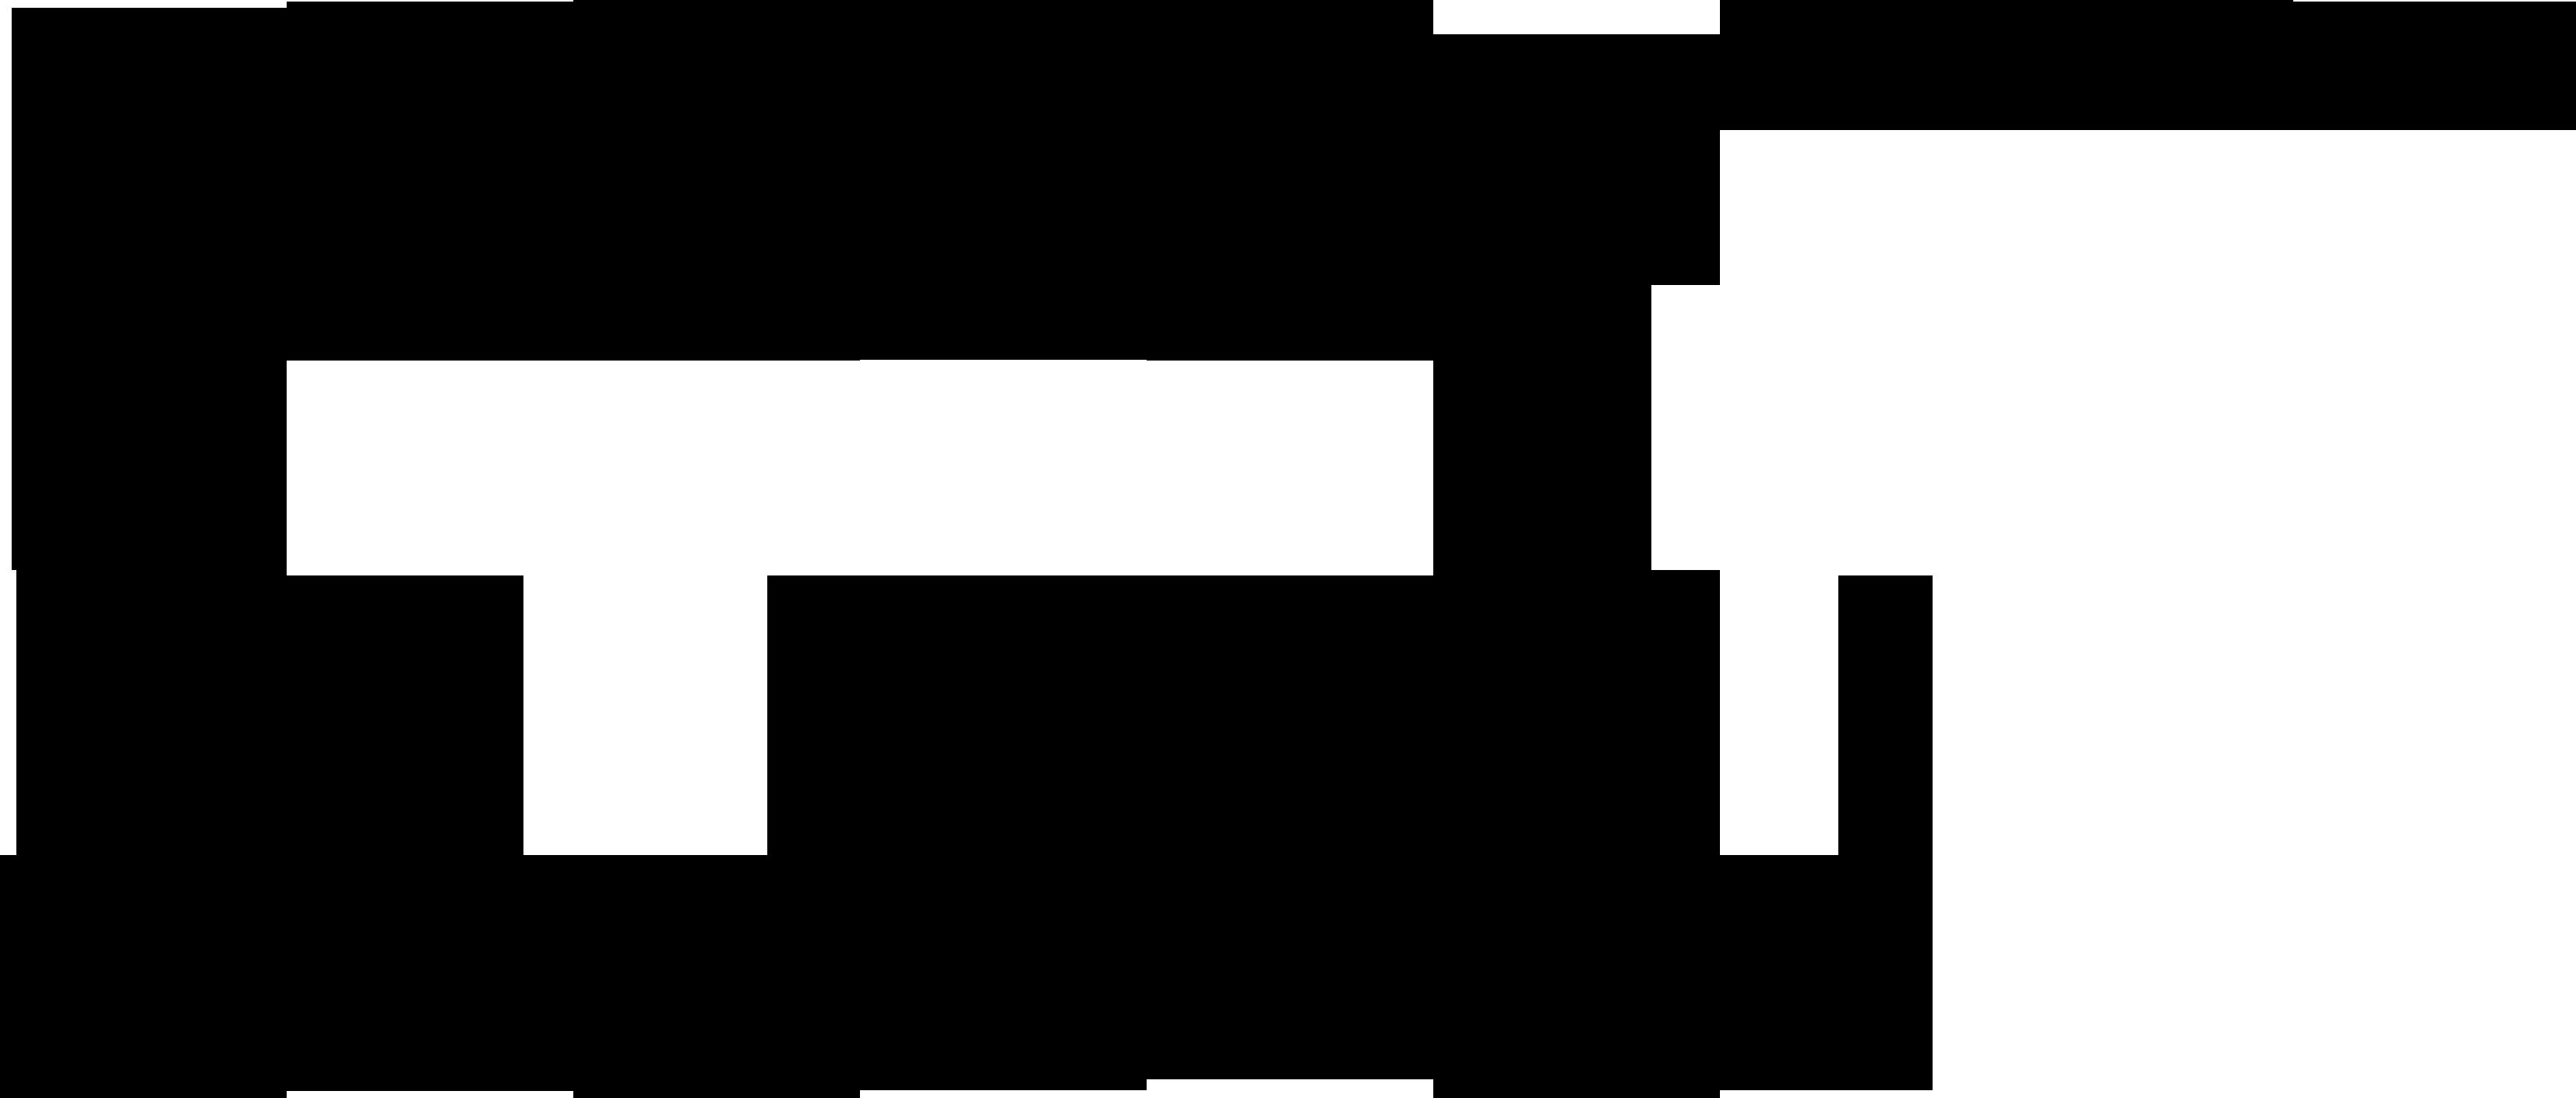 Logo_of_SUPSI_Scuola_universitaria_professionale_della_Svizzera_italiana_01